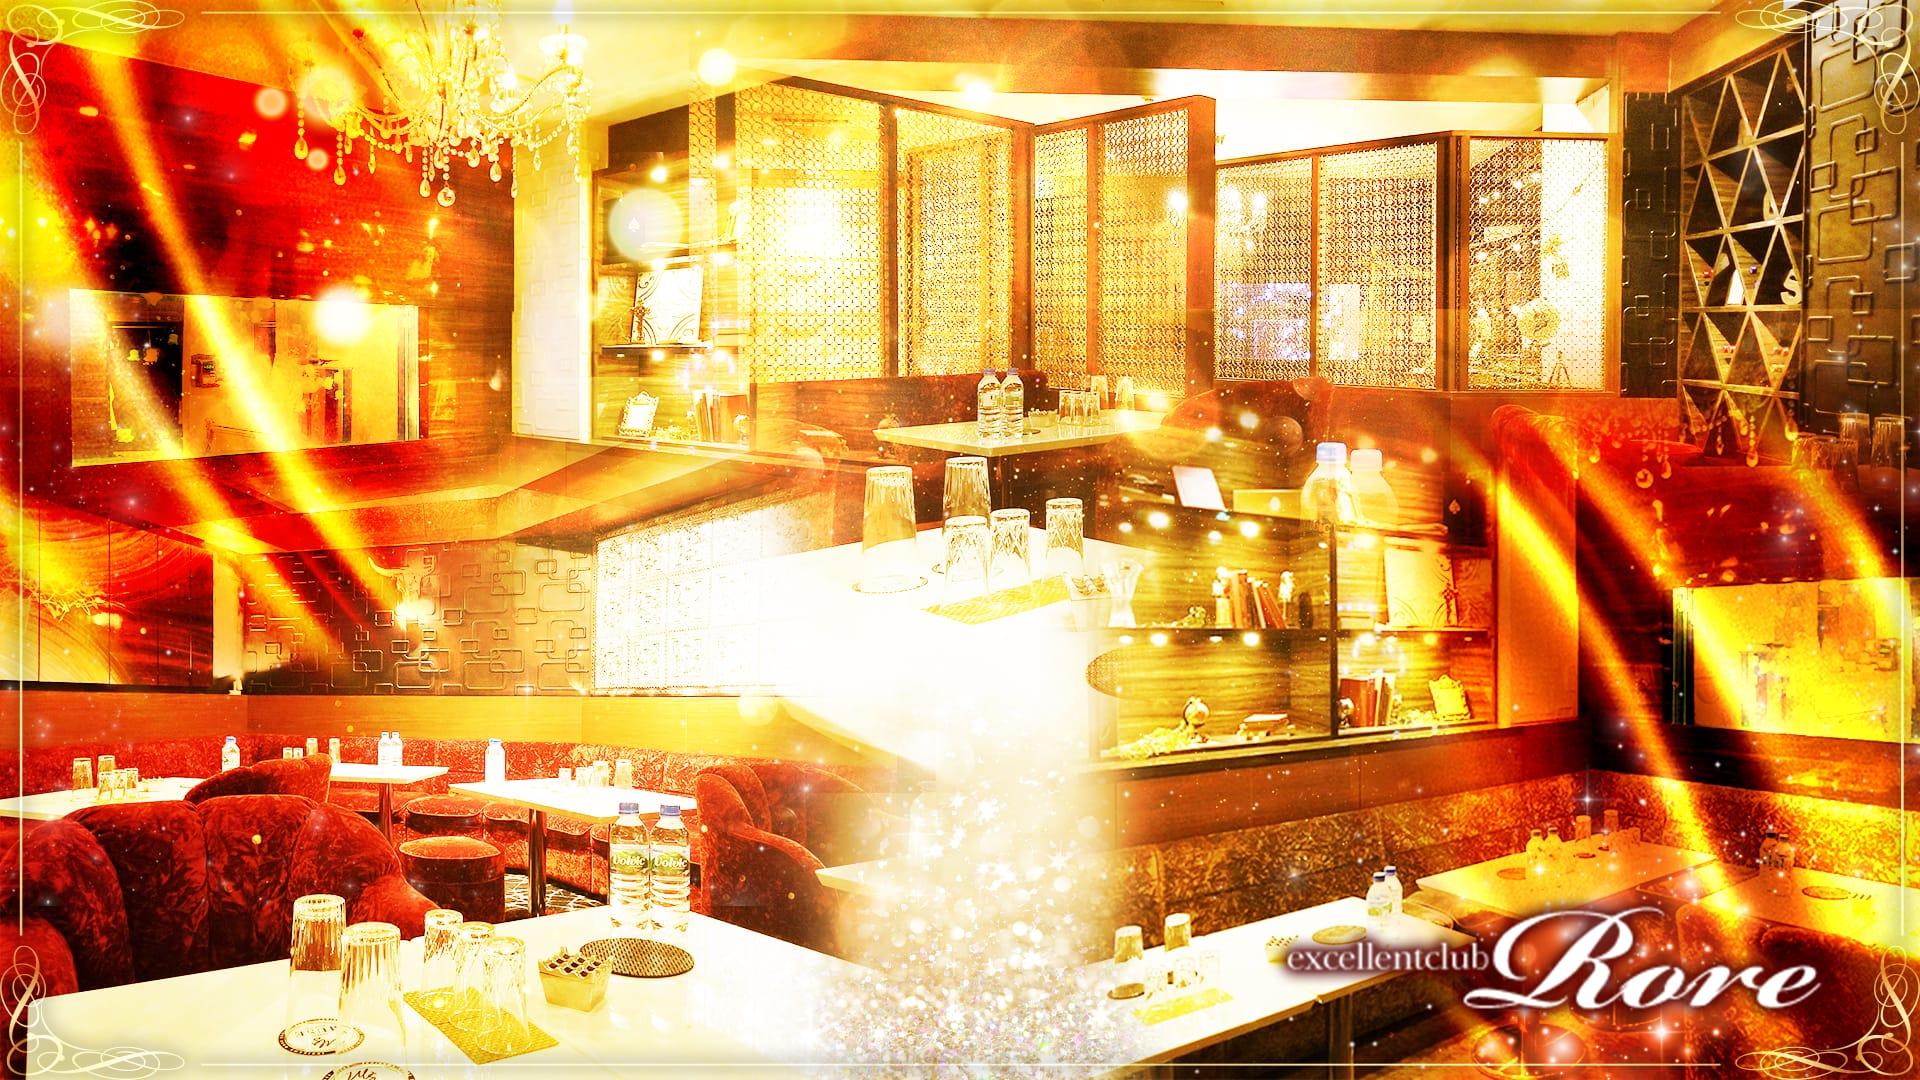 excellentclub Rore(ロアー) 錦糸町キャバクラ TOP画像